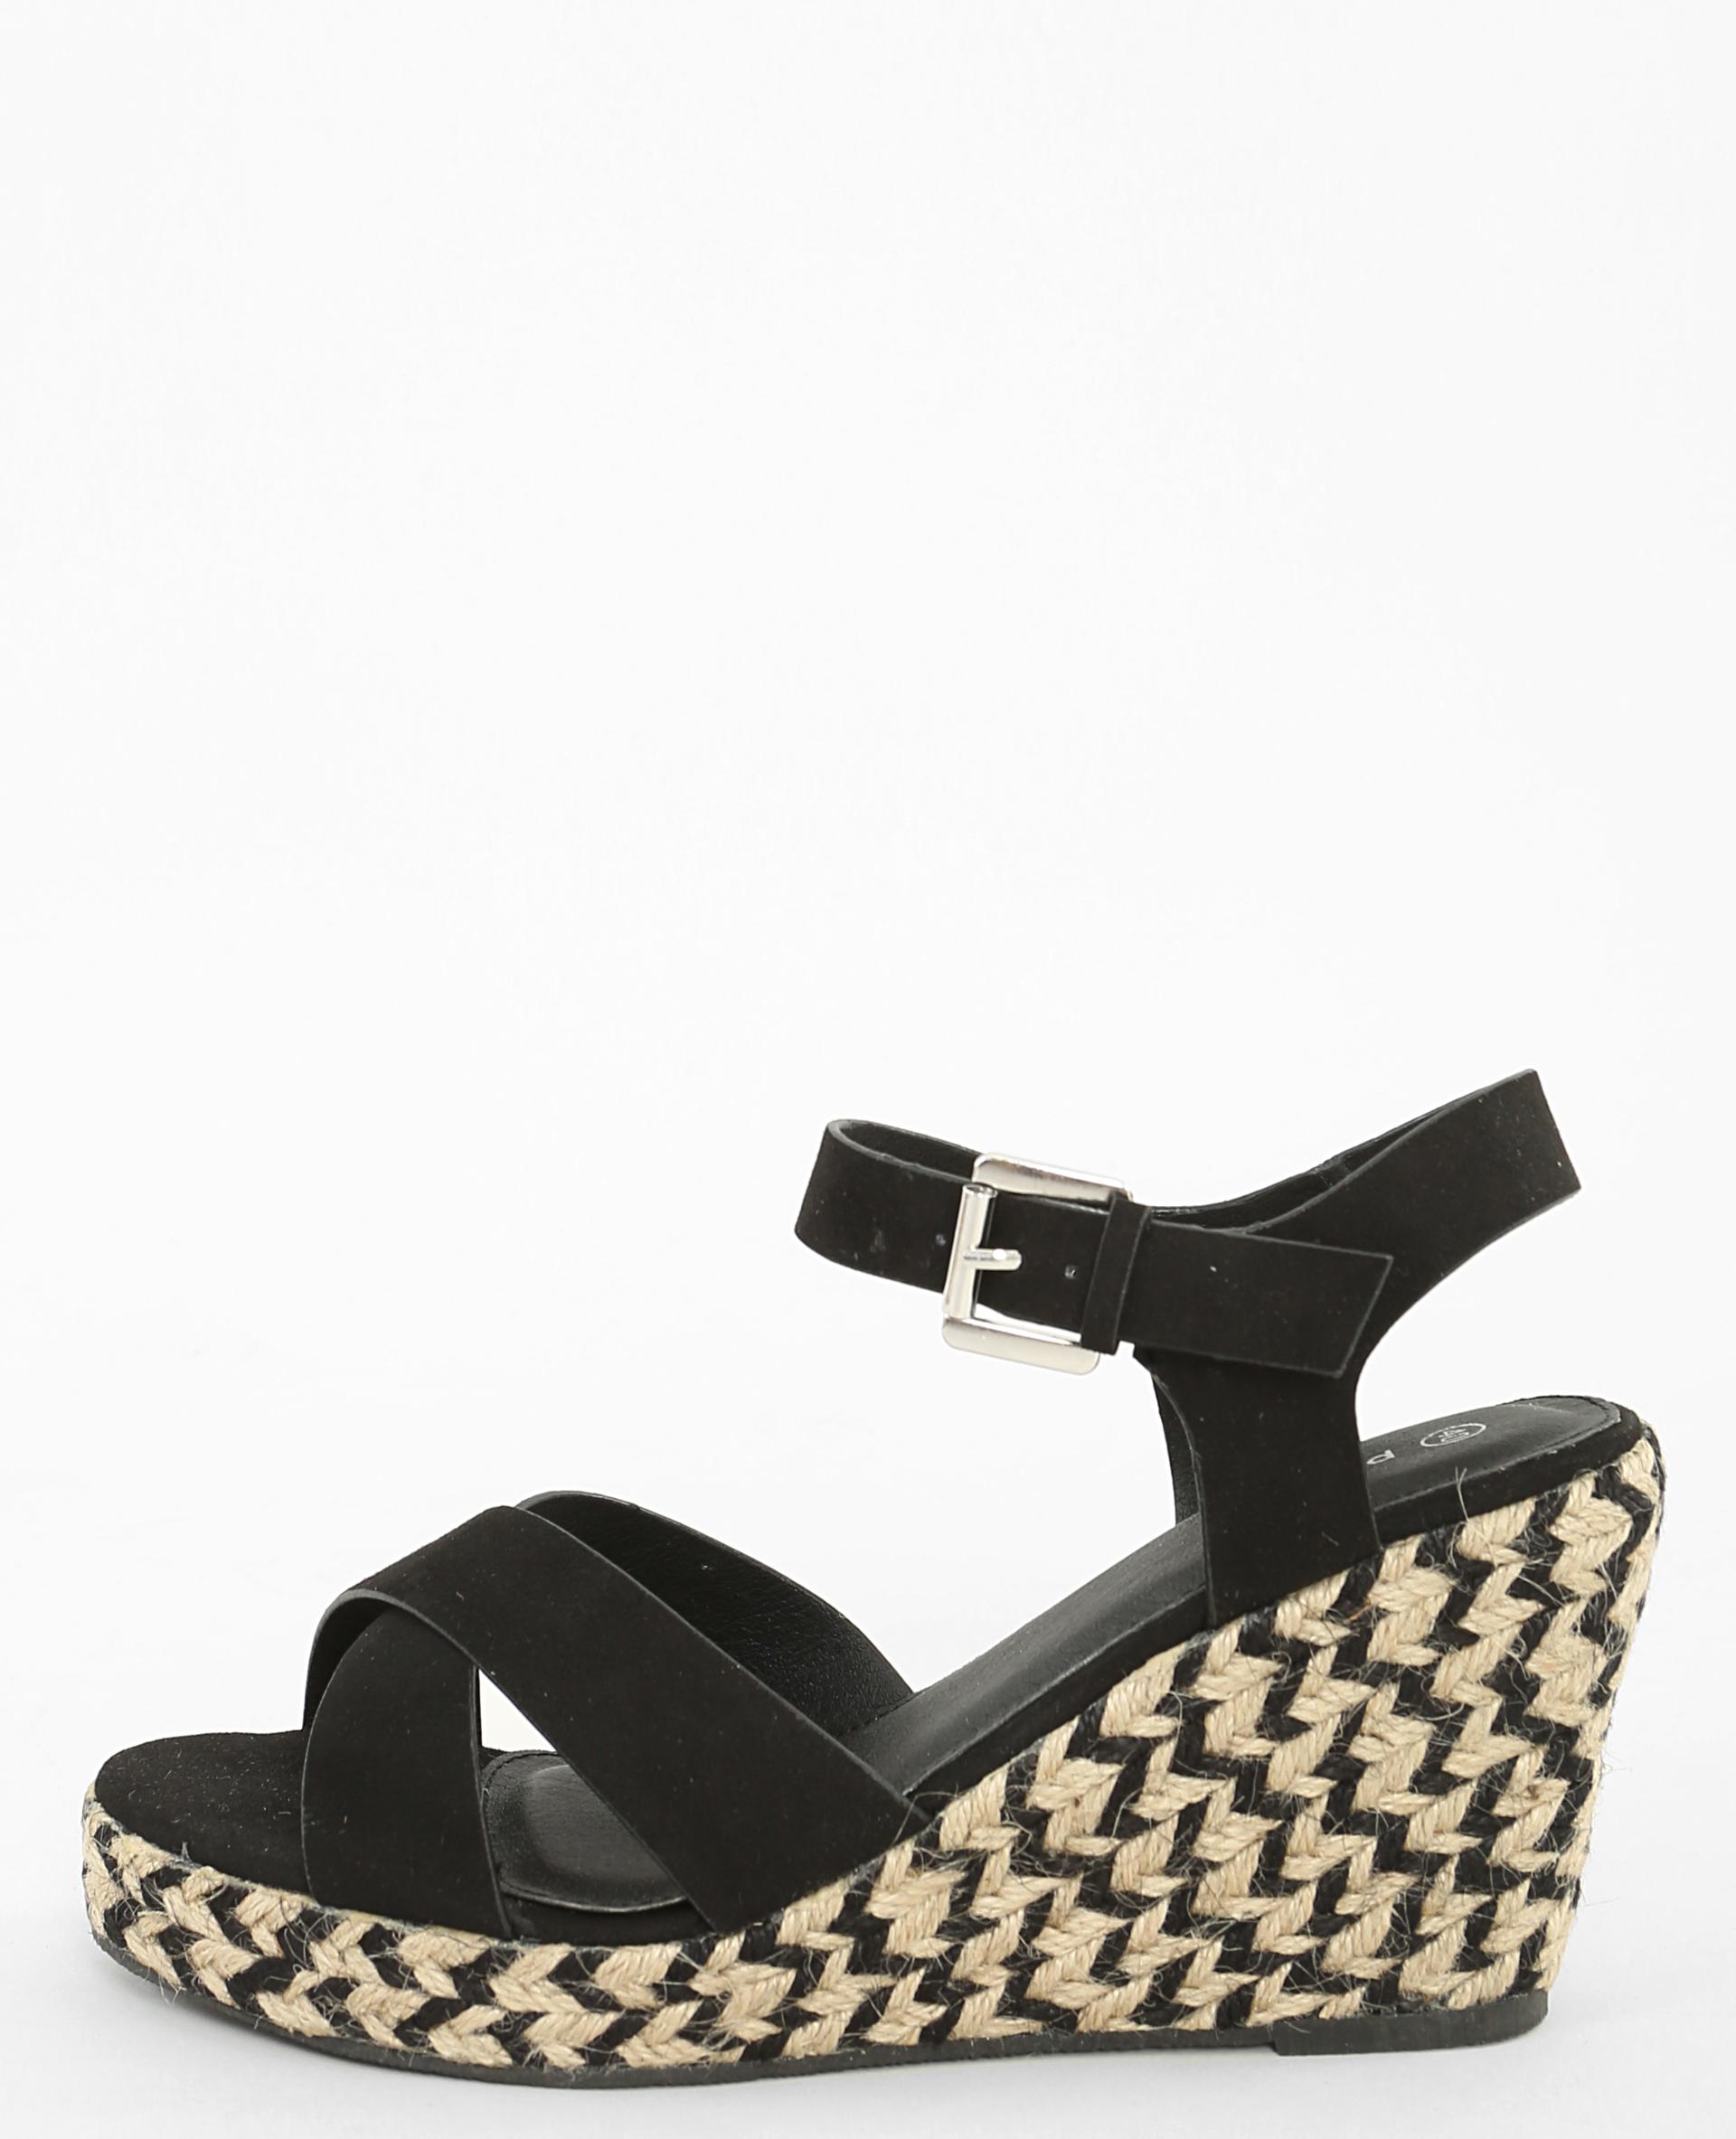 sandales compens es noir 902539899a08 pimkie. Black Bedroom Furniture Sets. Home Design Ideas